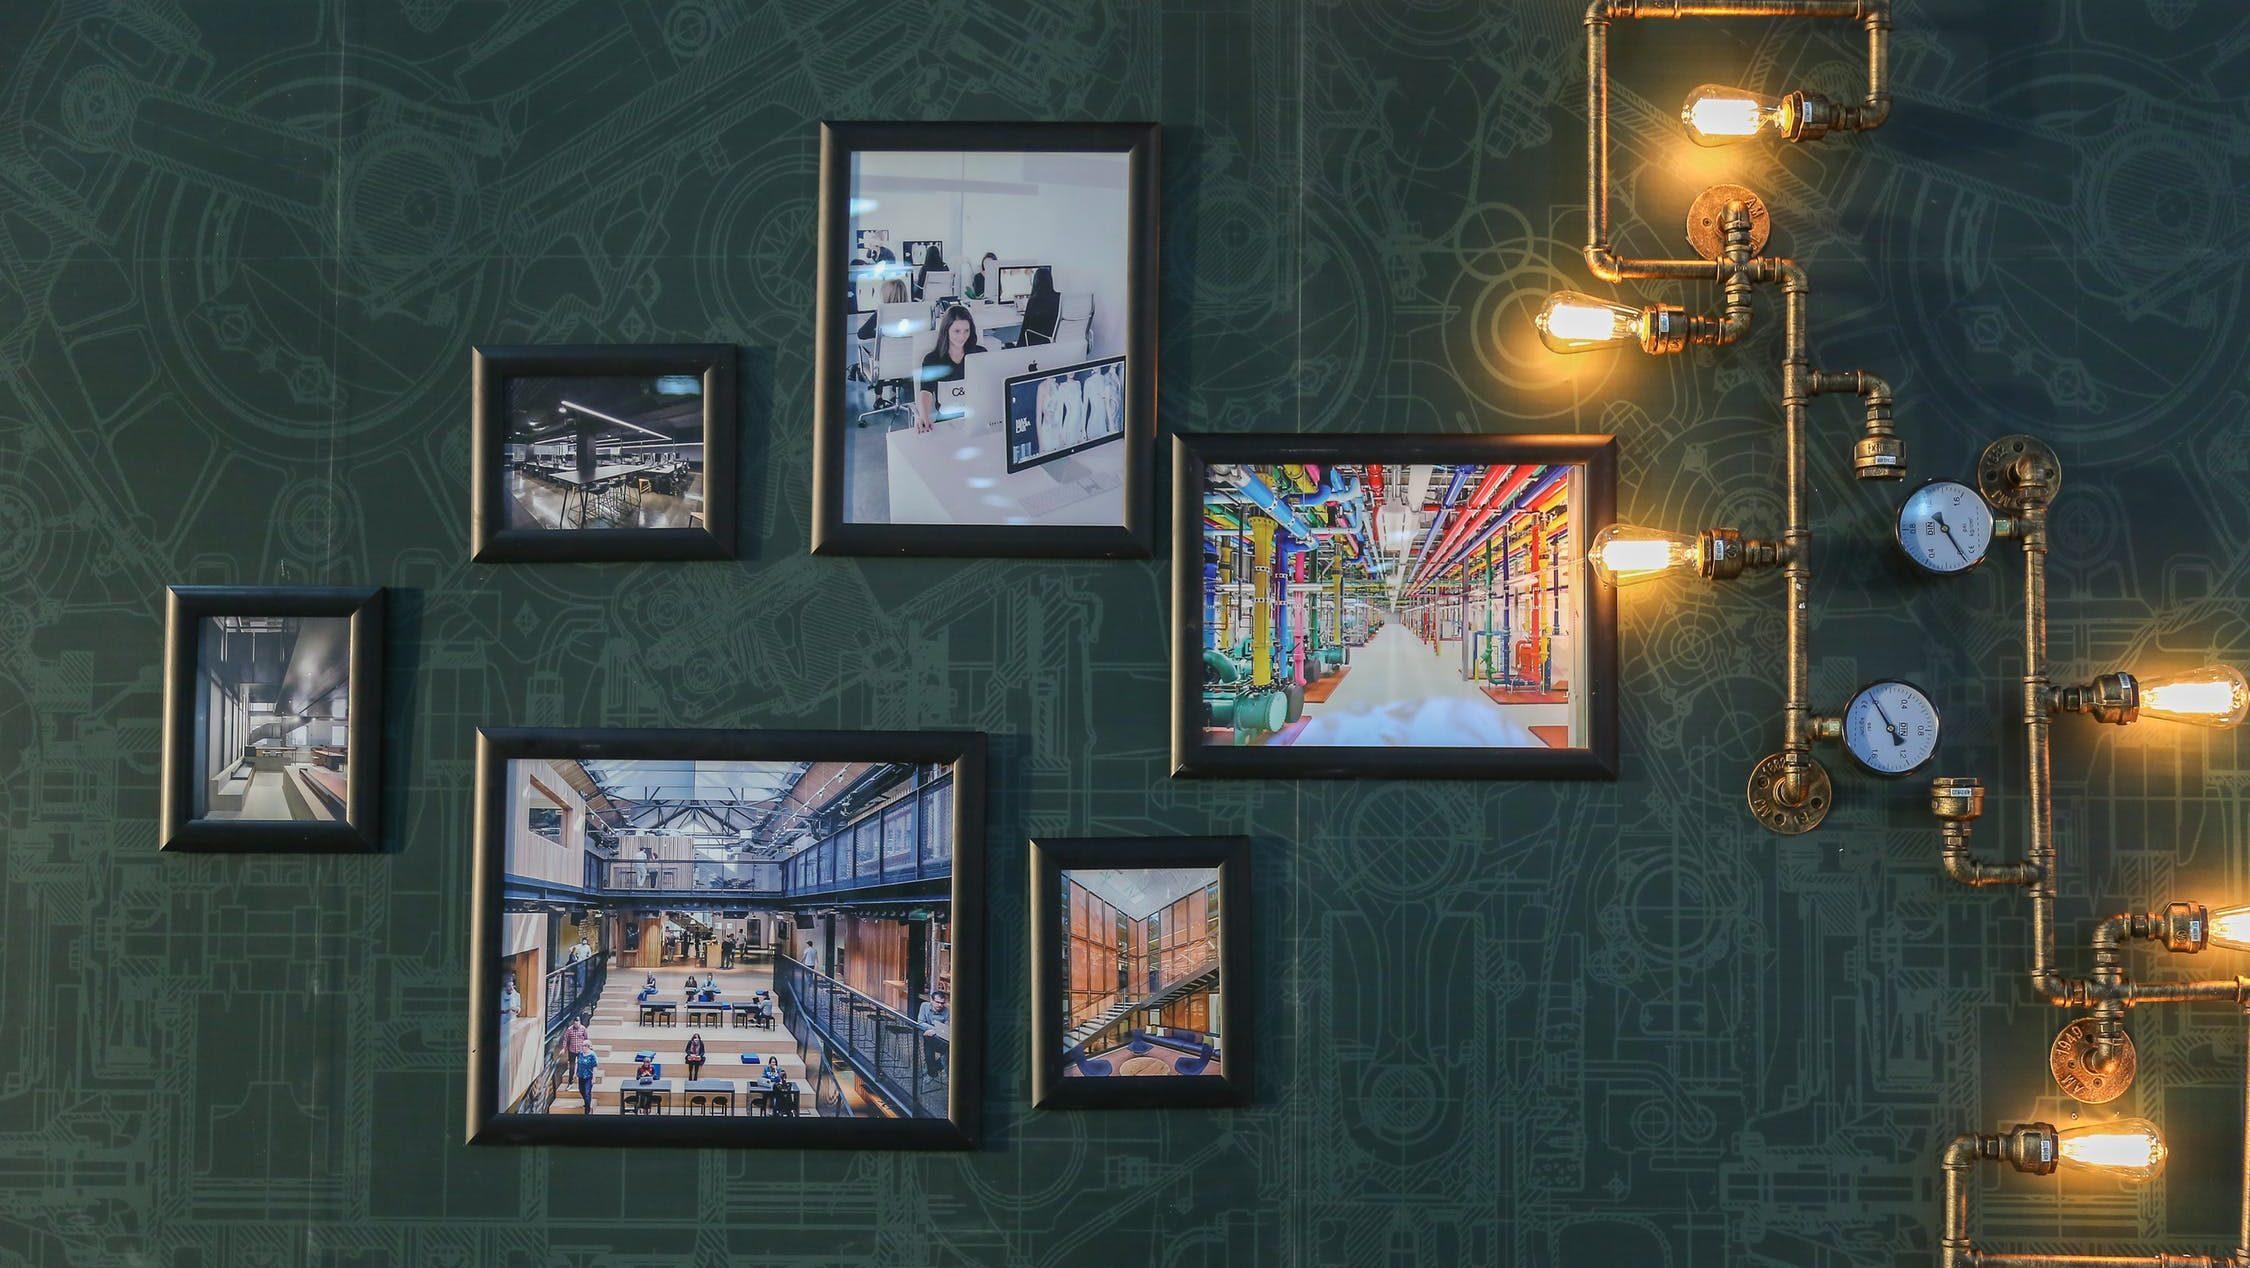 Hvordan henge opp bilder og dekorasjoner riktig på veggen